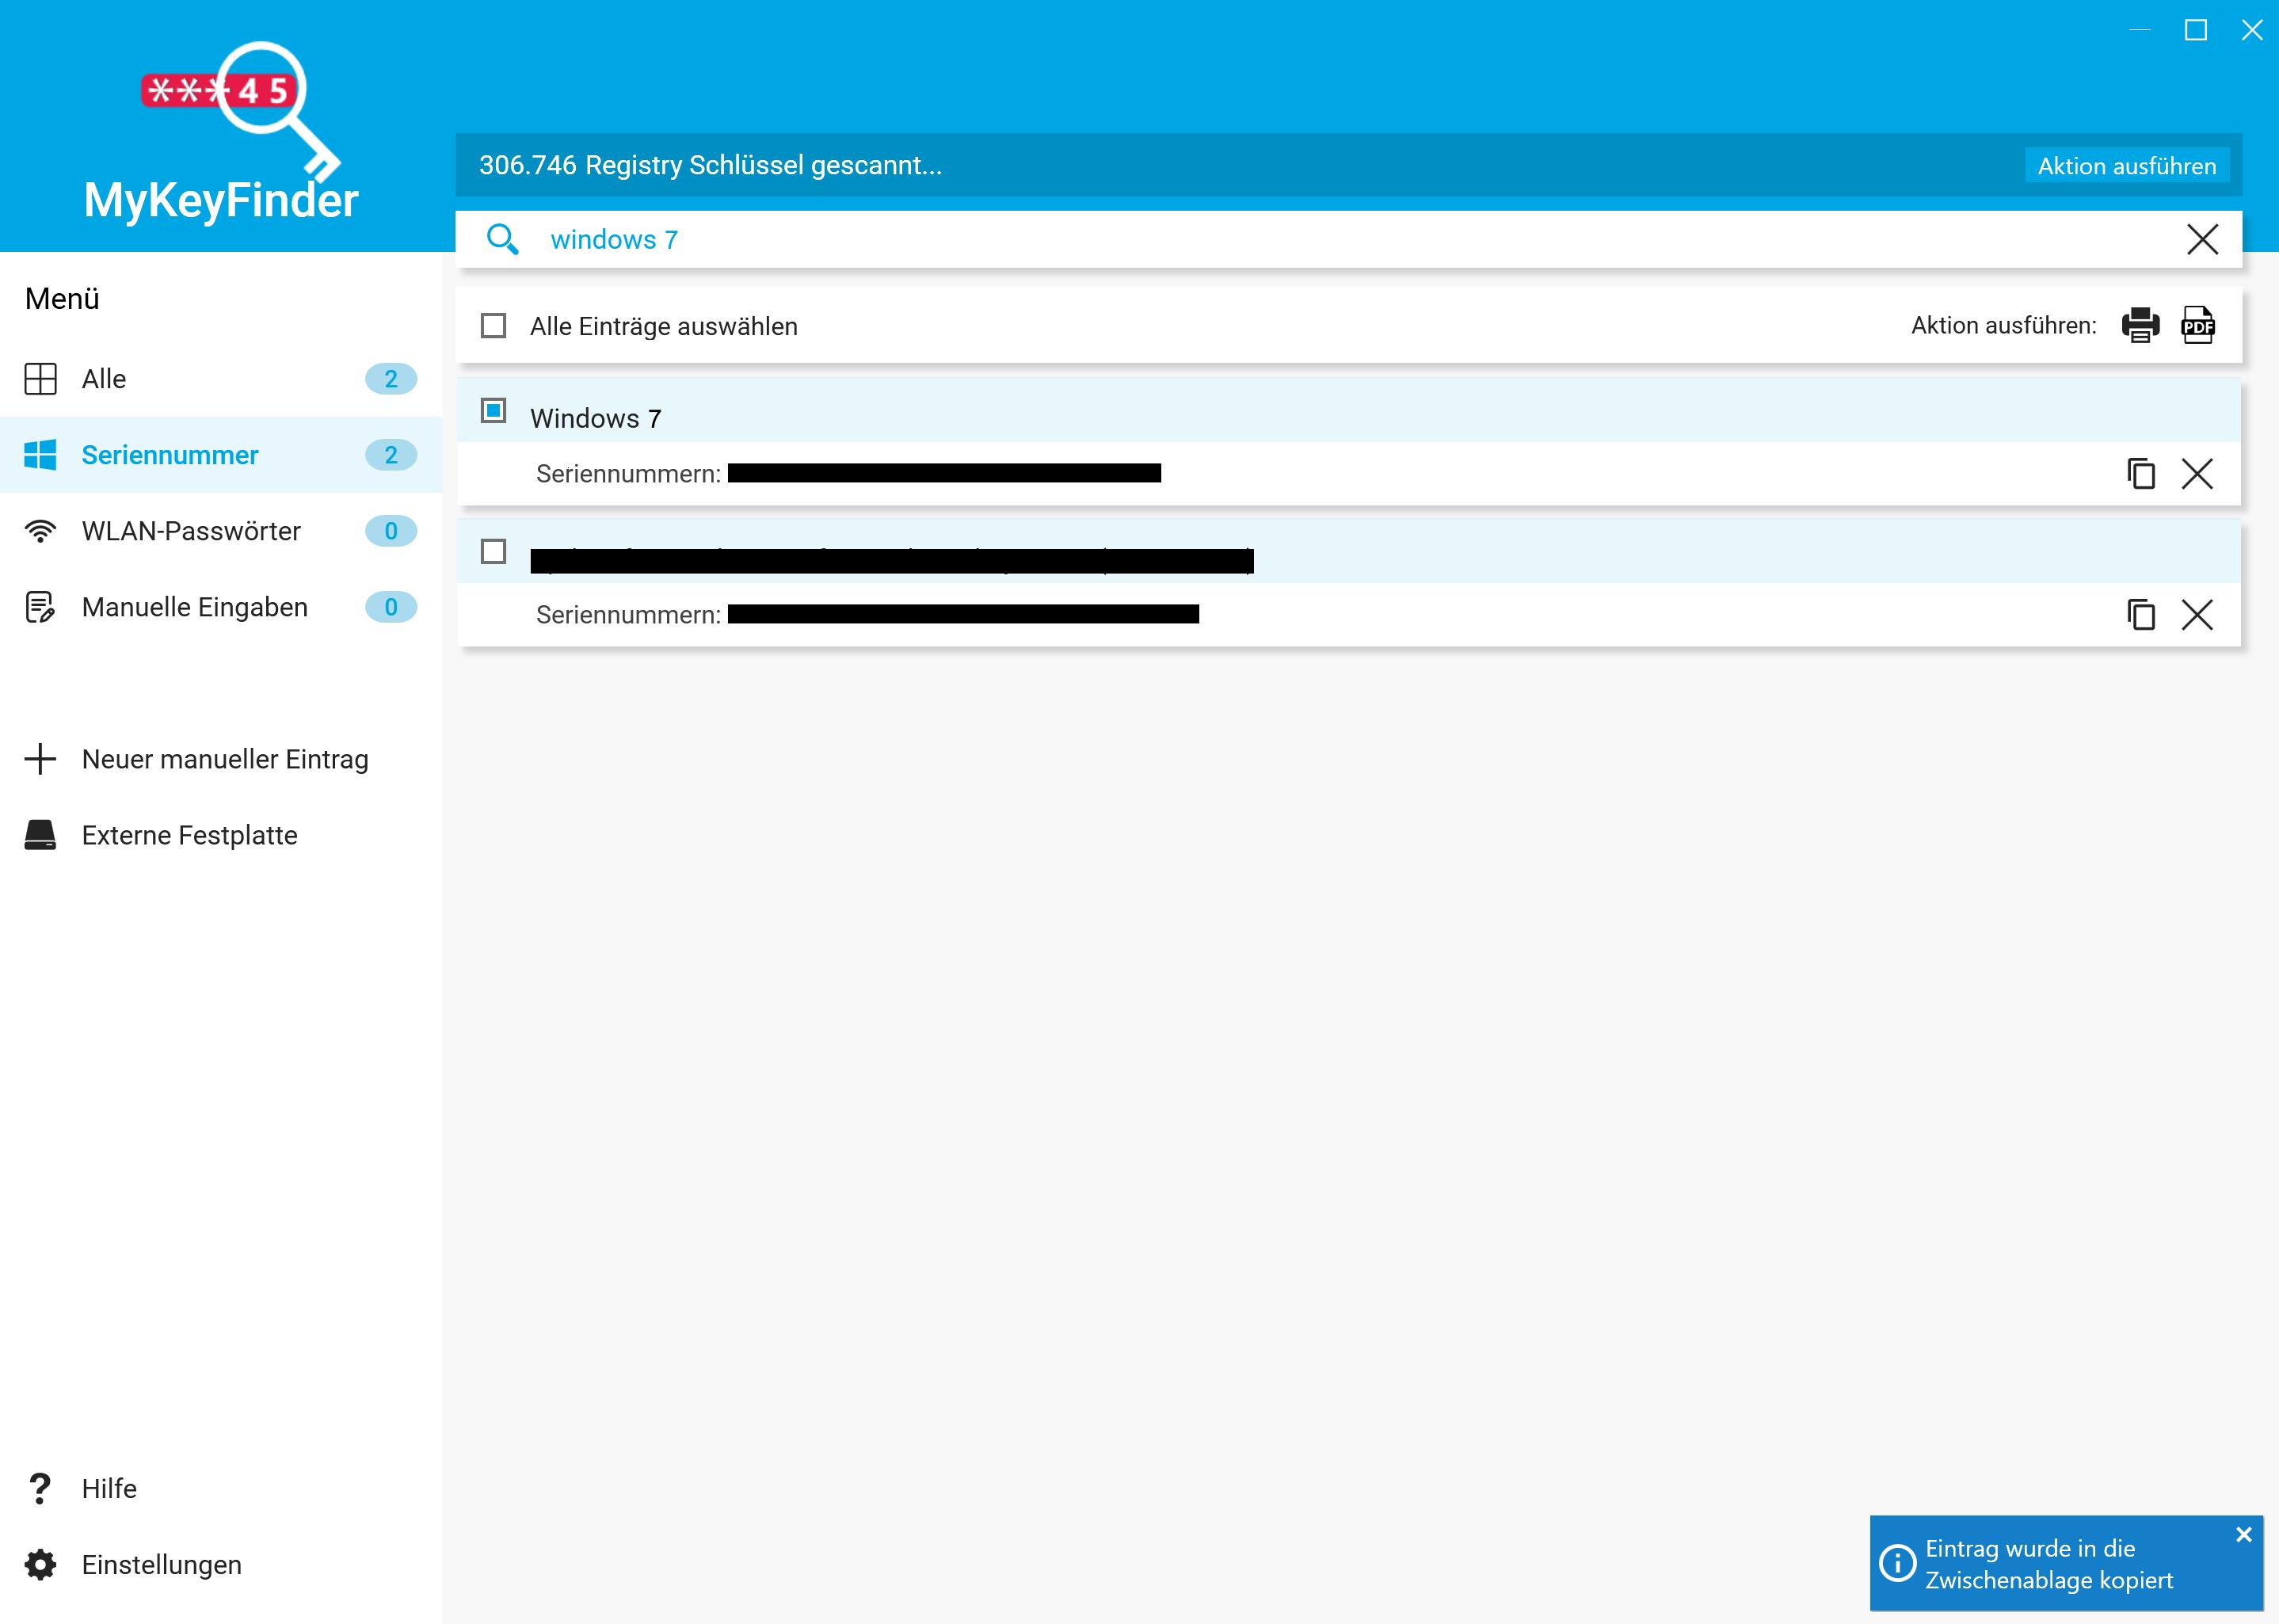 Windows 7 Key auslesen und herausfinden - In die Zwischenablage kopieren